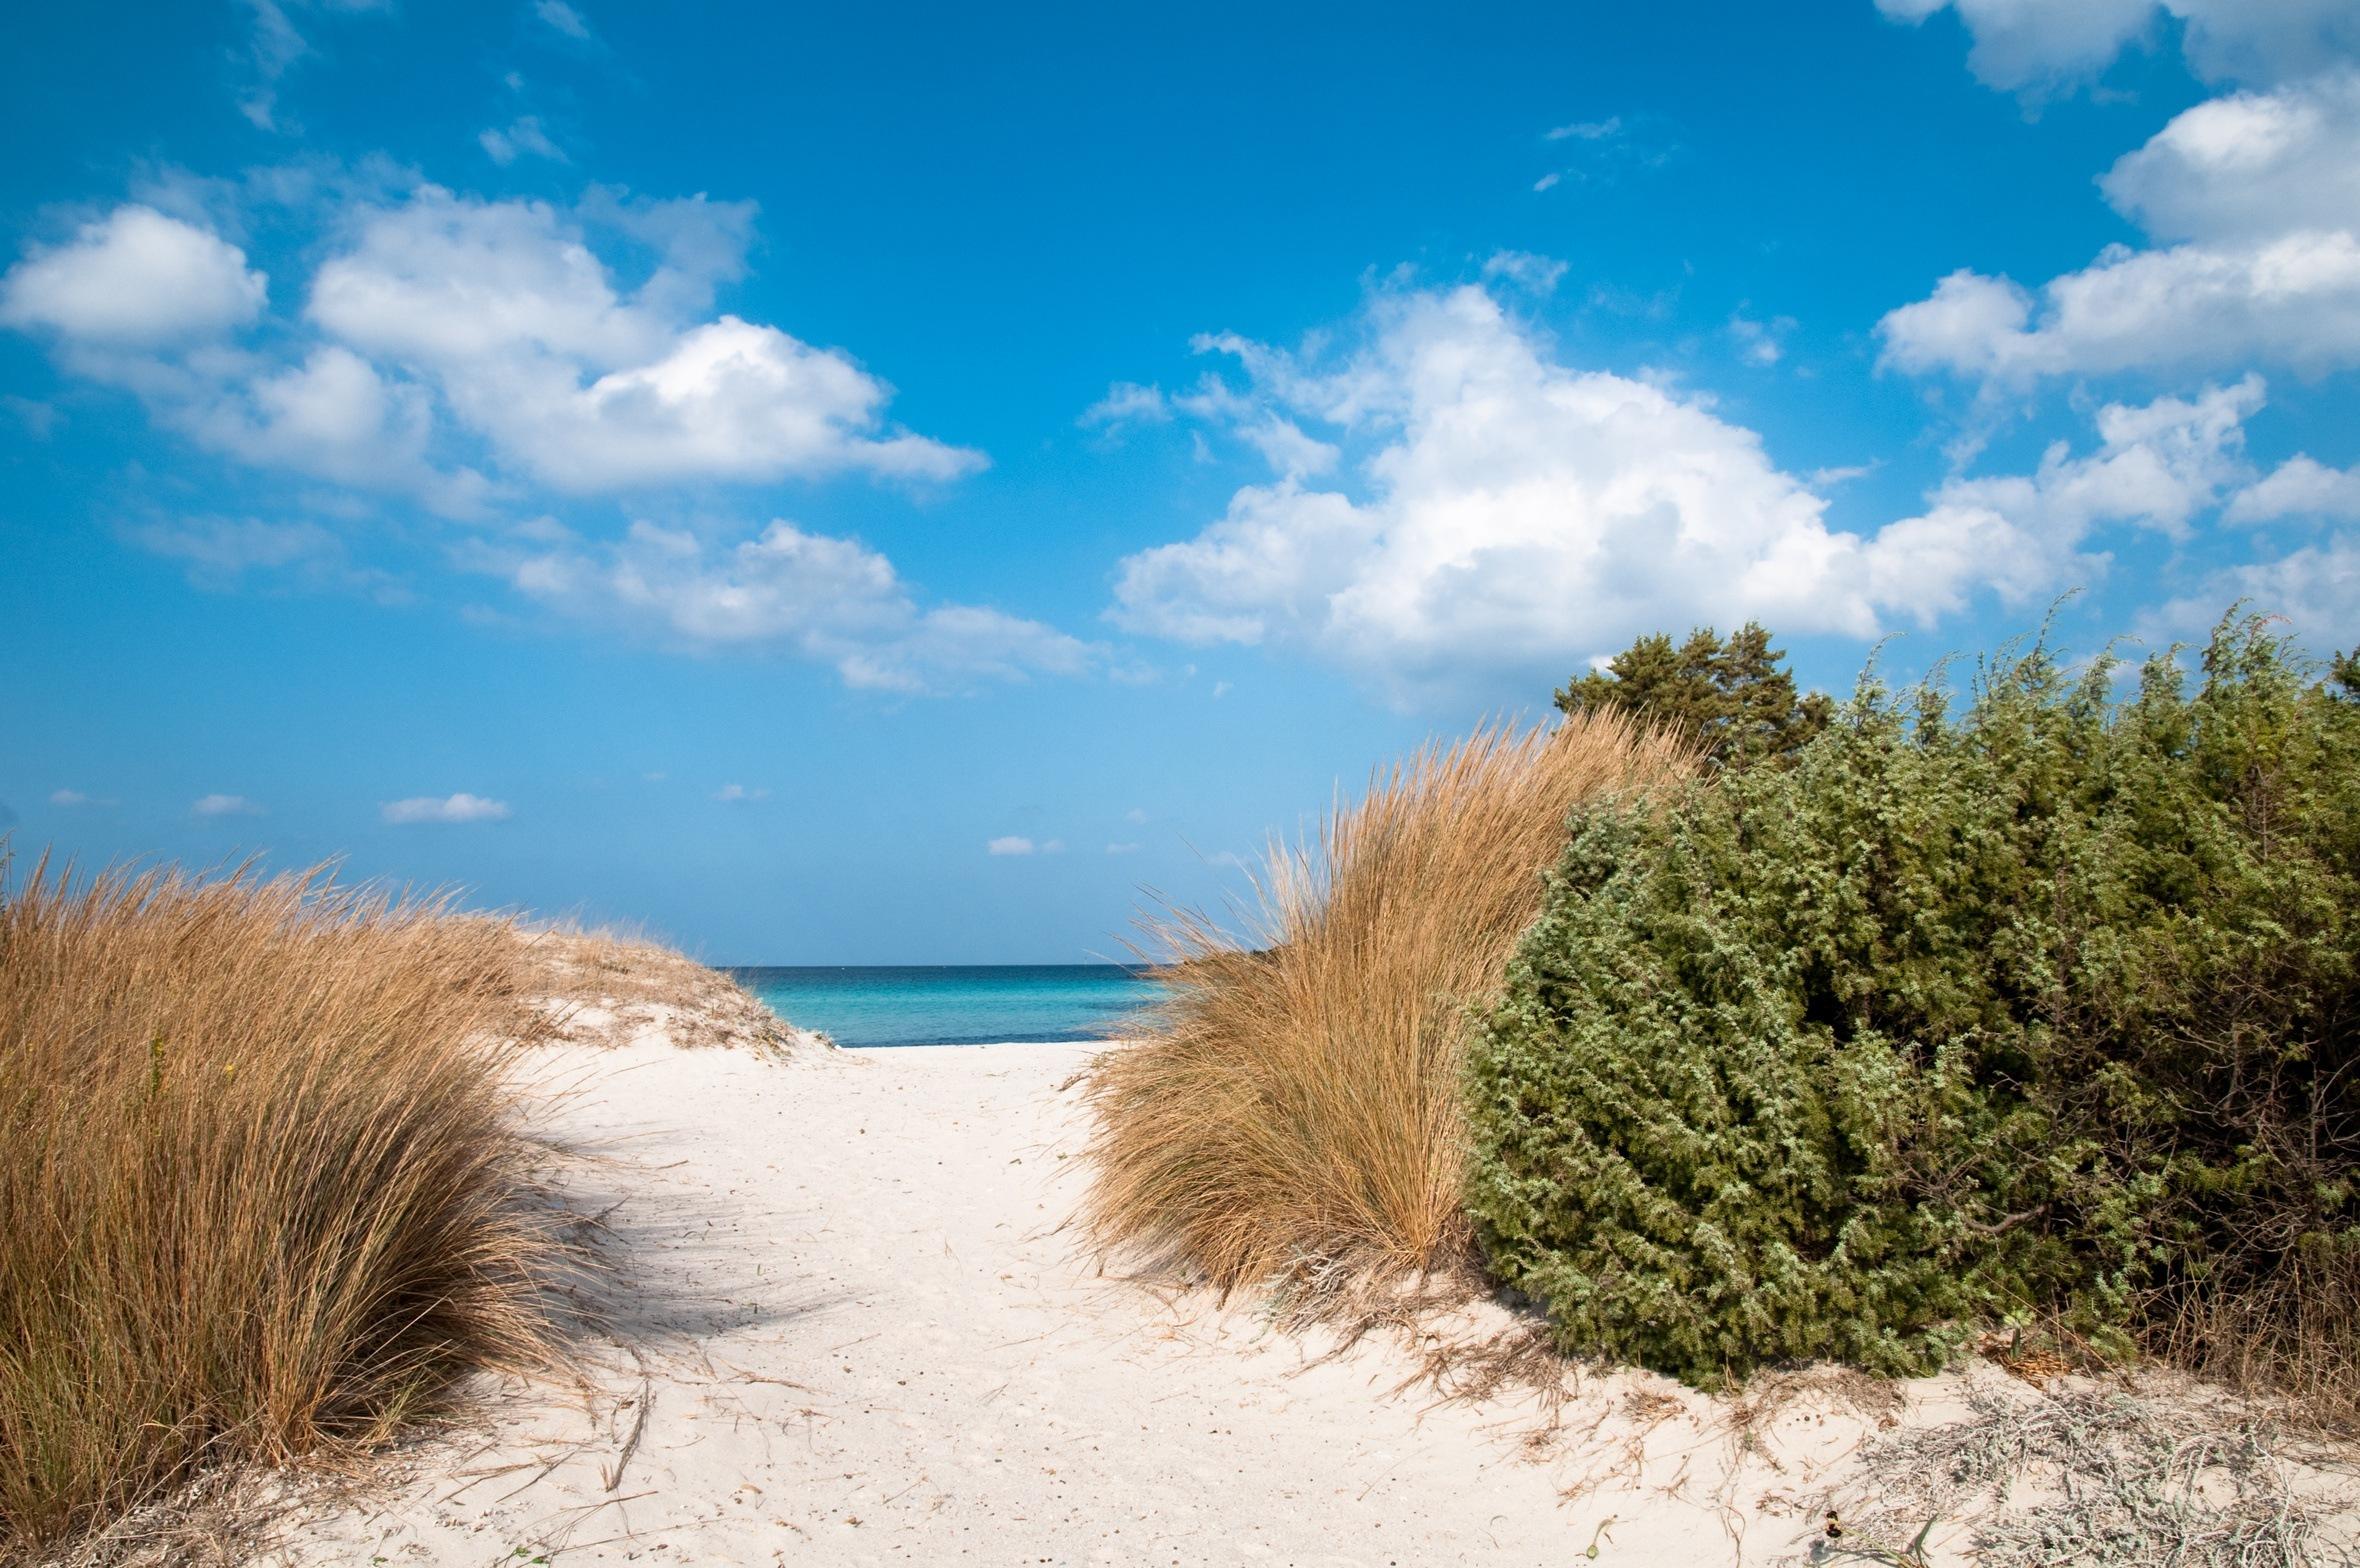 Spiaggia del Pevero, Costa Smeralda (OT)